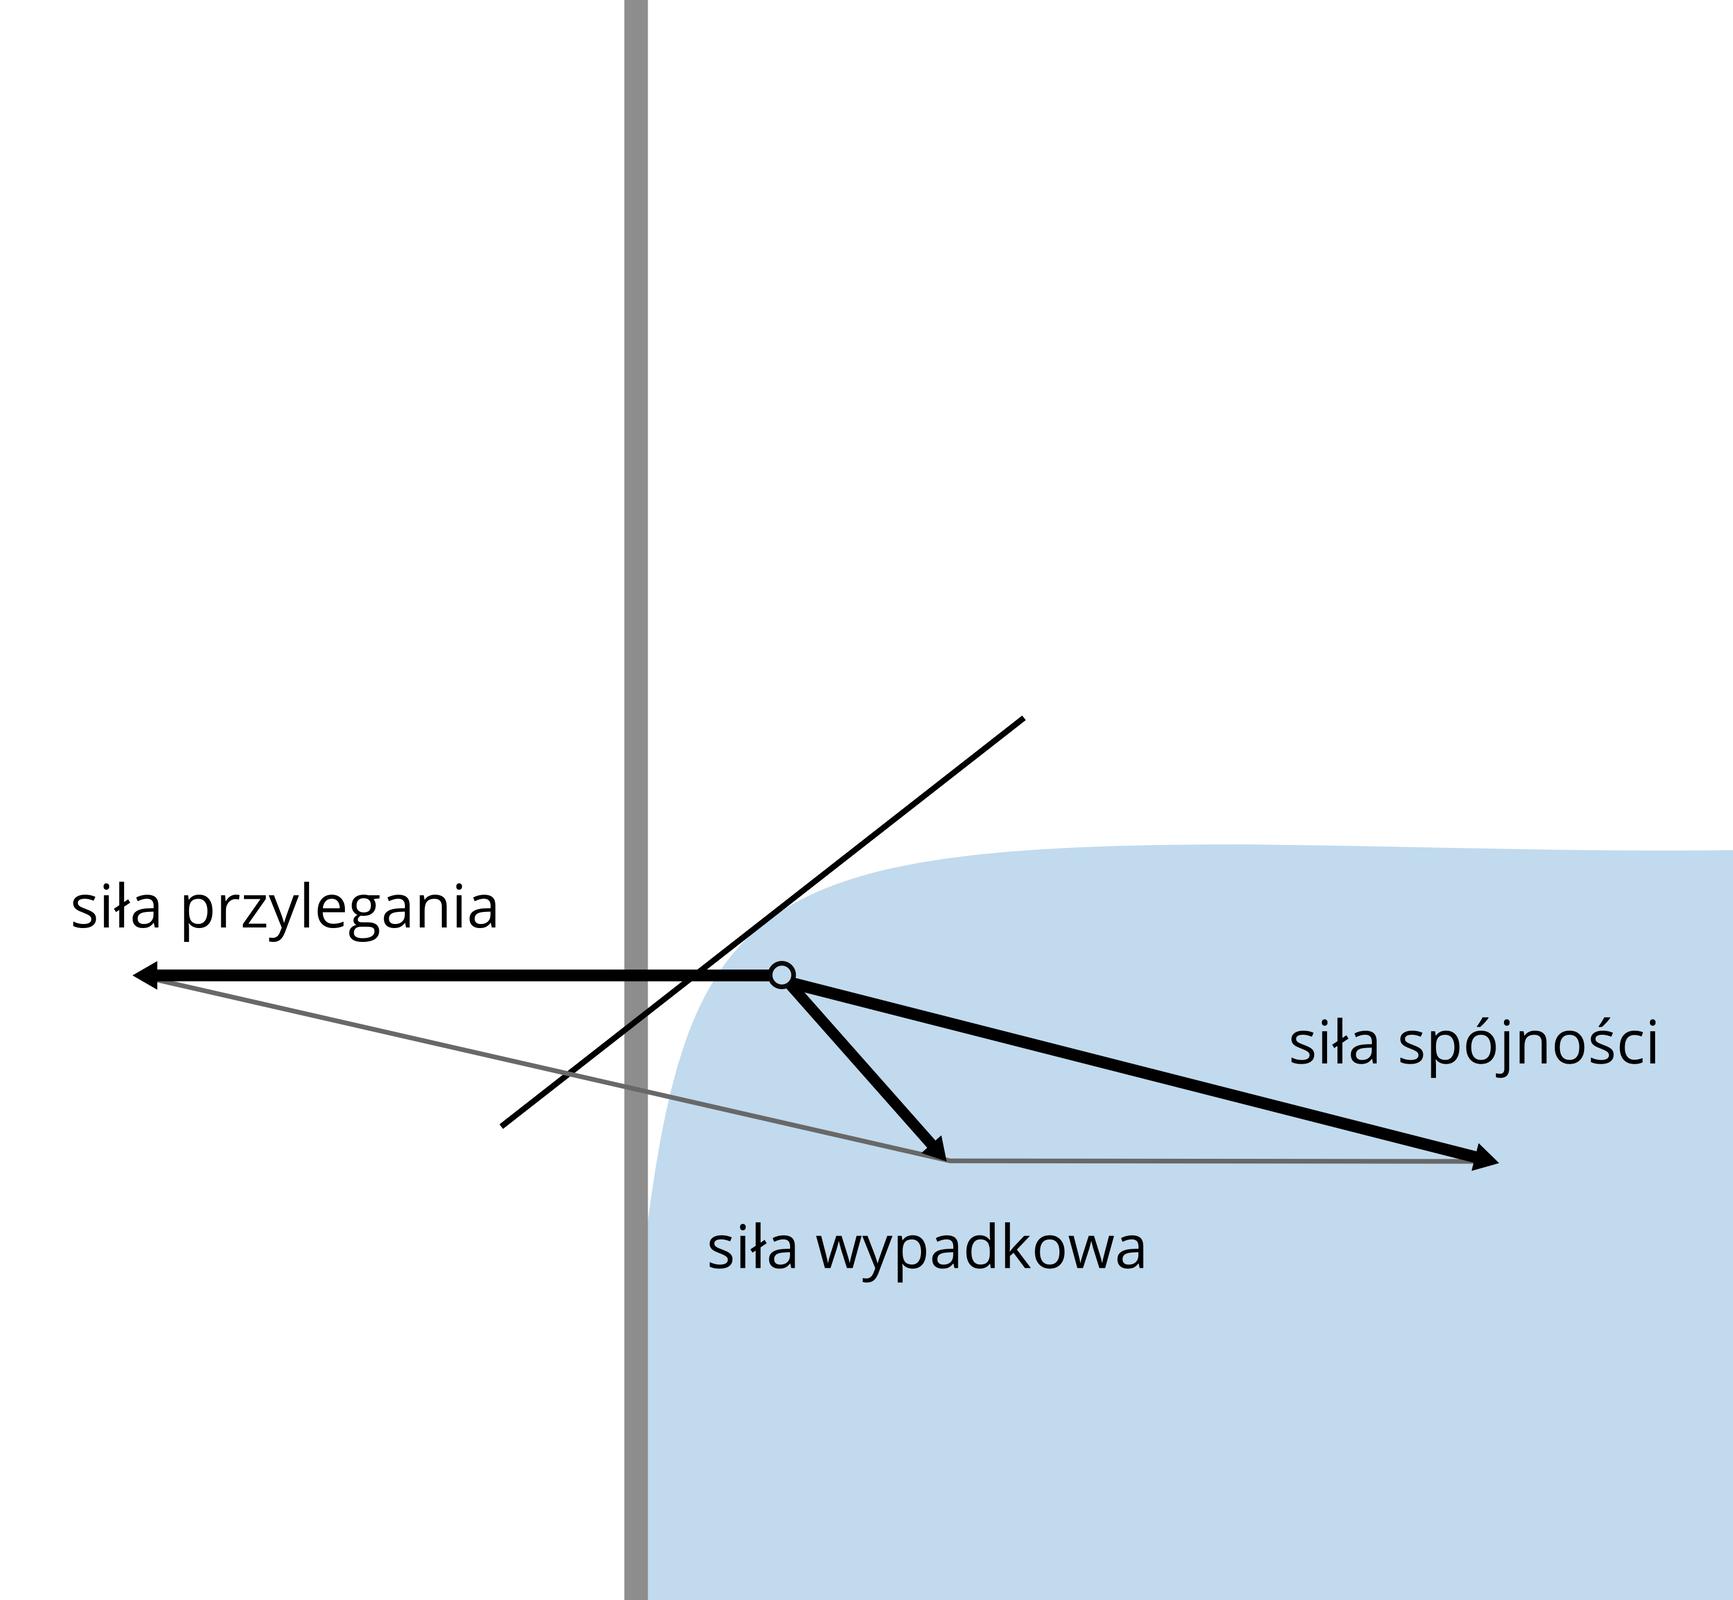 Ilustracja przedstawia mechanizm powstawania menisku wypukłego. Schemat przedzielony na pół ponową linią. Linia szara. Lewa część schematu cała biała. Prawa część wgórnej połowie biała. Dolna część błękitna. Prawa część schematu imituje szklankę zwodą. Powierzchnia wody wśrodkowej części płaska. Tuż przy krawędzi ściany, powierzchnia wody delikatnie opada. Powierzchnia wody ikrawędź ściany nie tworzą kąta prostego. Na schemacie oznaczono strzałkami wektory trzech sił. Siły przylegania, siły spójności isiły wypadkowej.